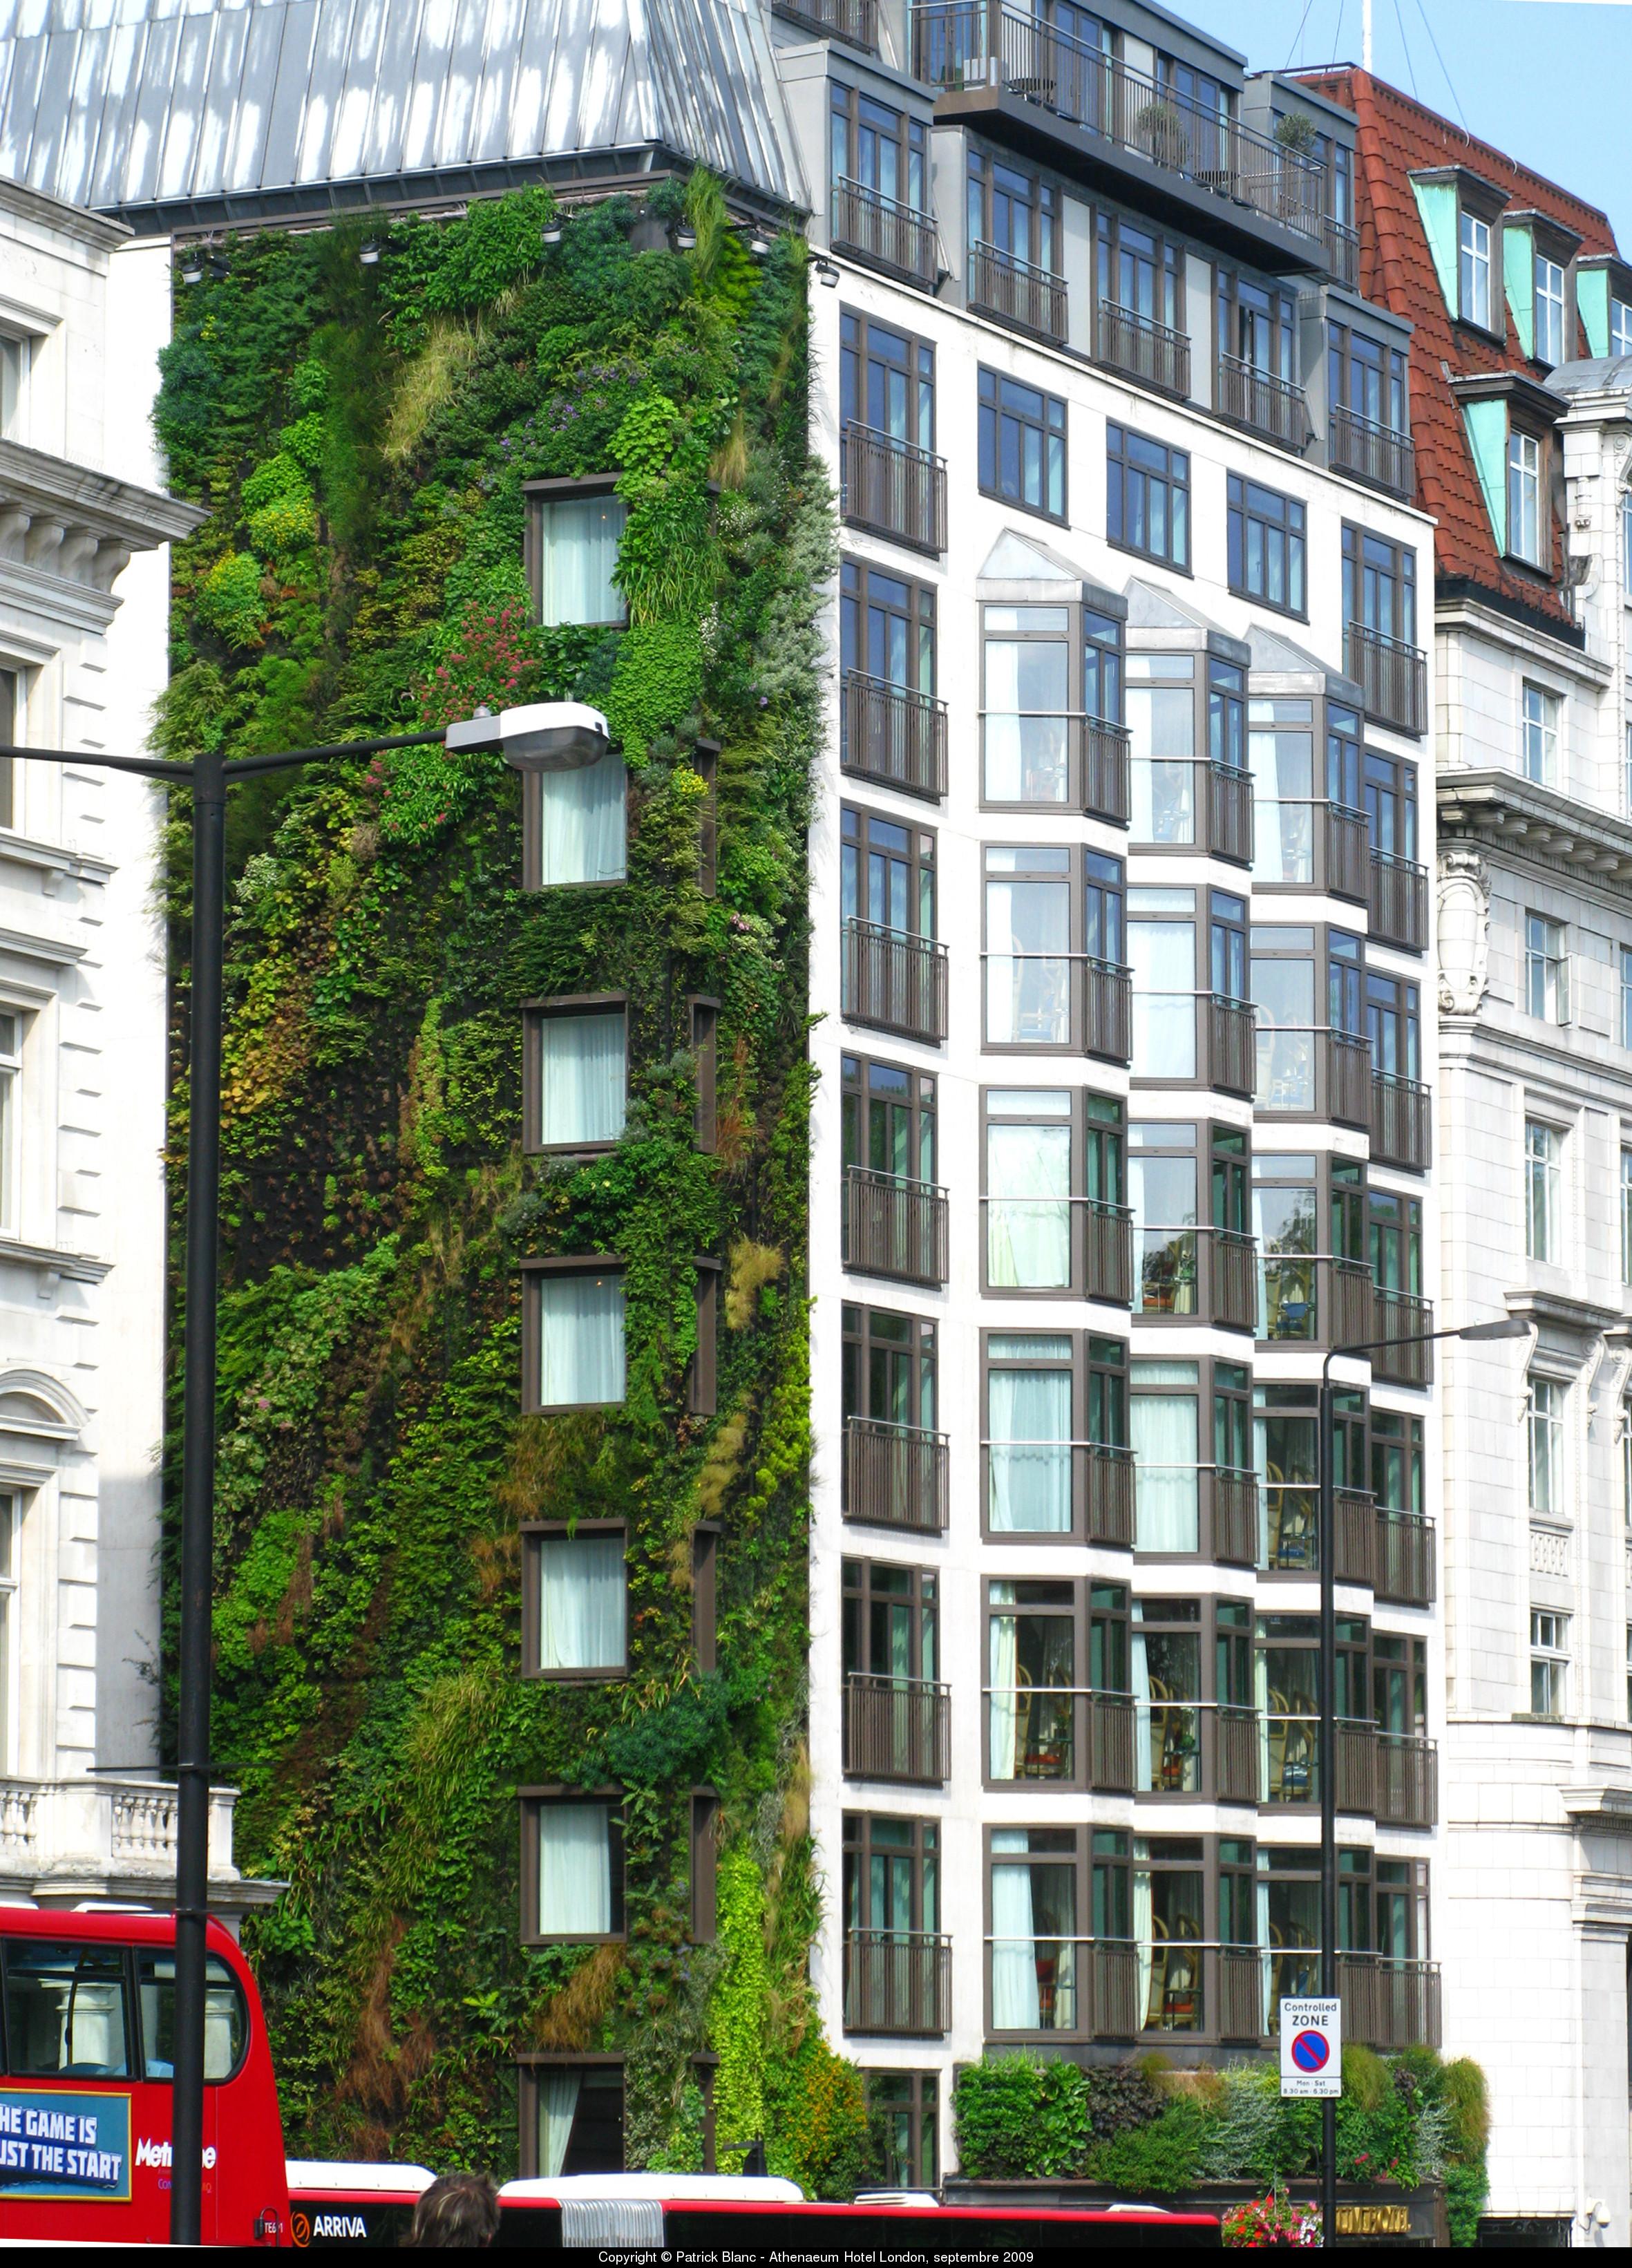 Patrick blanc jardines verticales aryse for Plantas utilizadas en jardines verticales